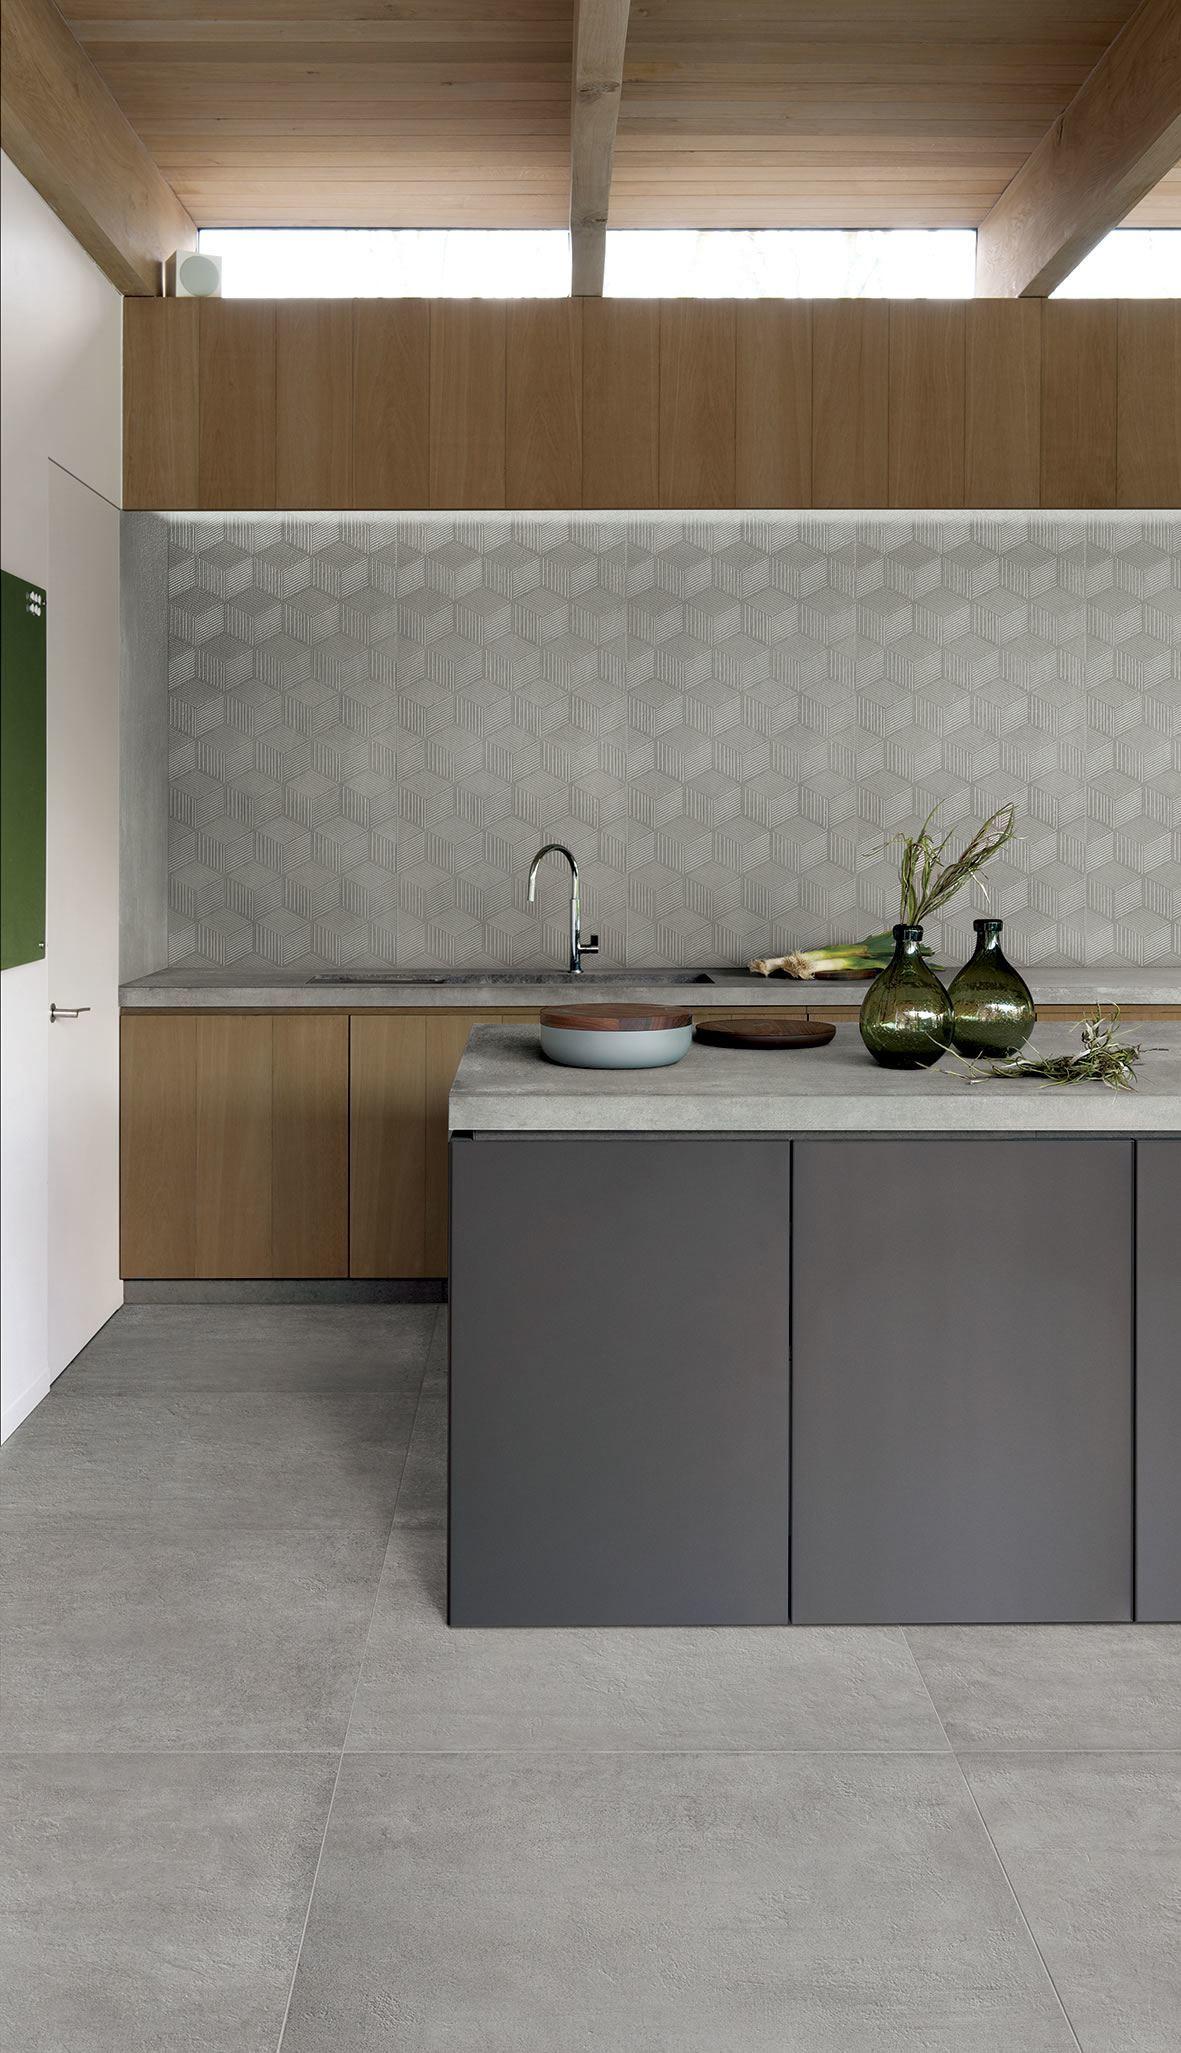 AMB-04_Kronos_Prima-Materia_Cemento_-Rectify-80x80-floor_60x120-struttura-esagono-wall.jpg